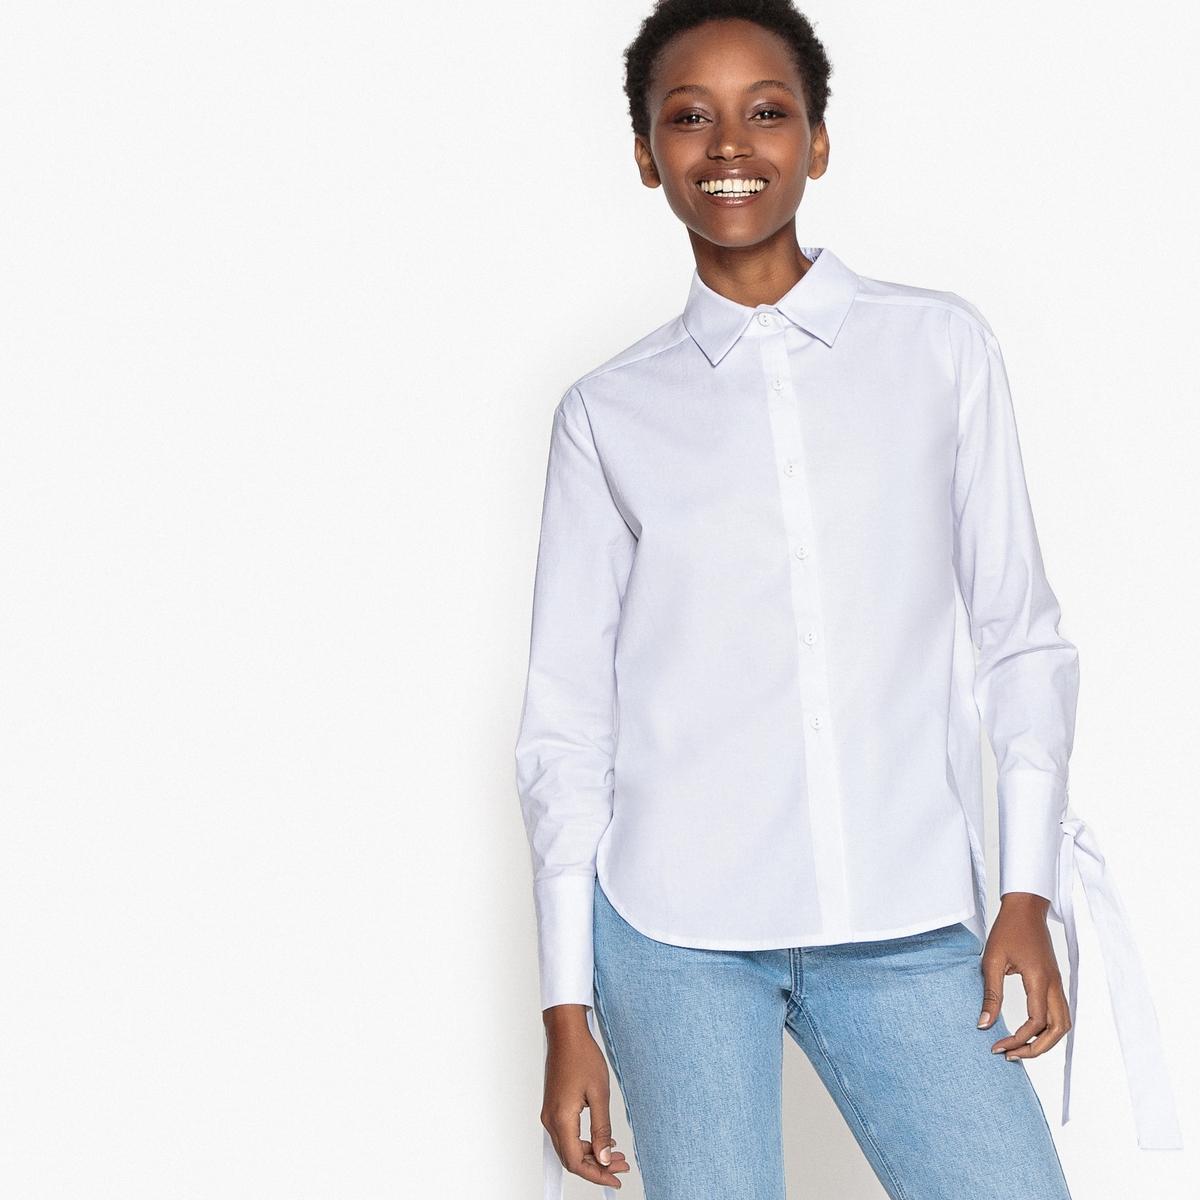 Рубашка однотонная из хлопка, манжеты с бантиками